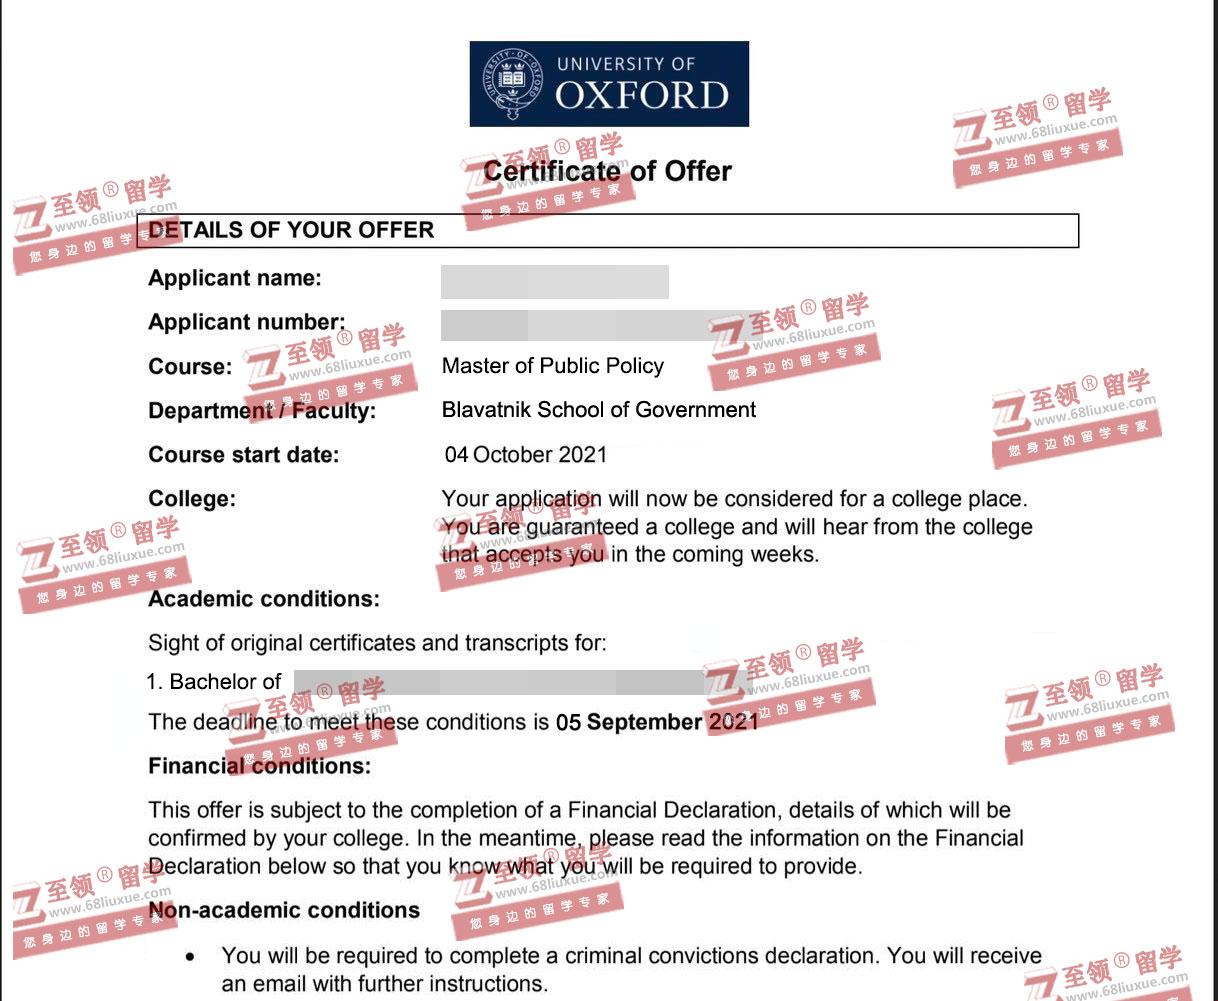 牛津大学公共政策硕士Oxford MPP录取